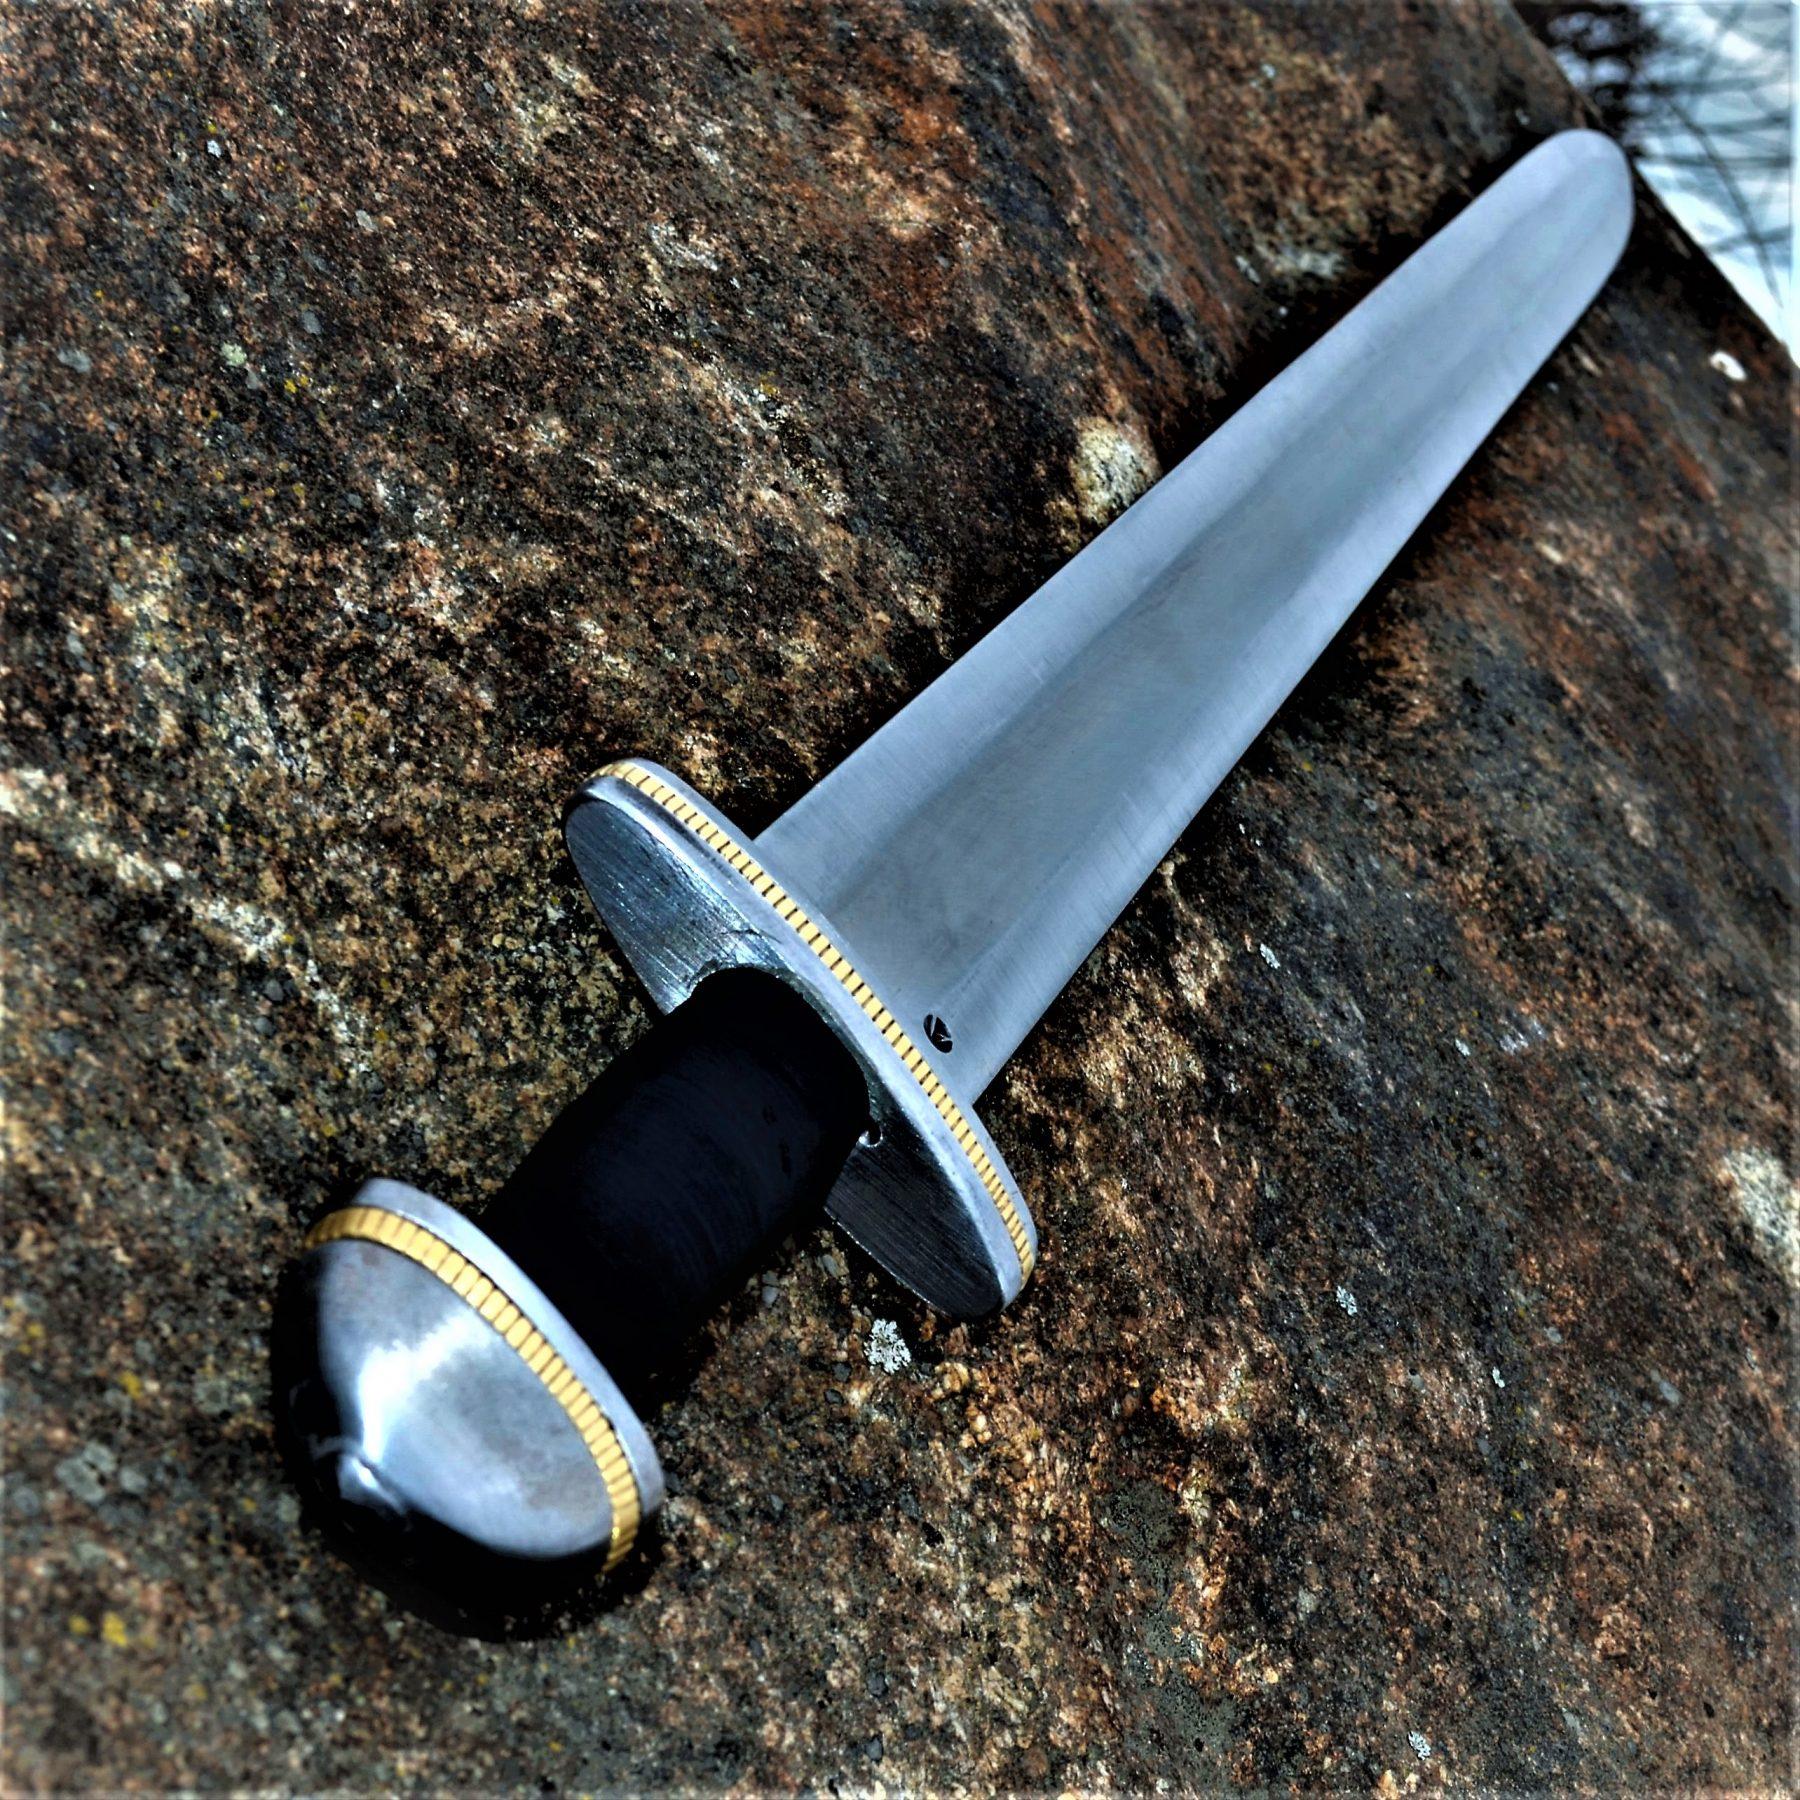 Viking Meč 00 01 02